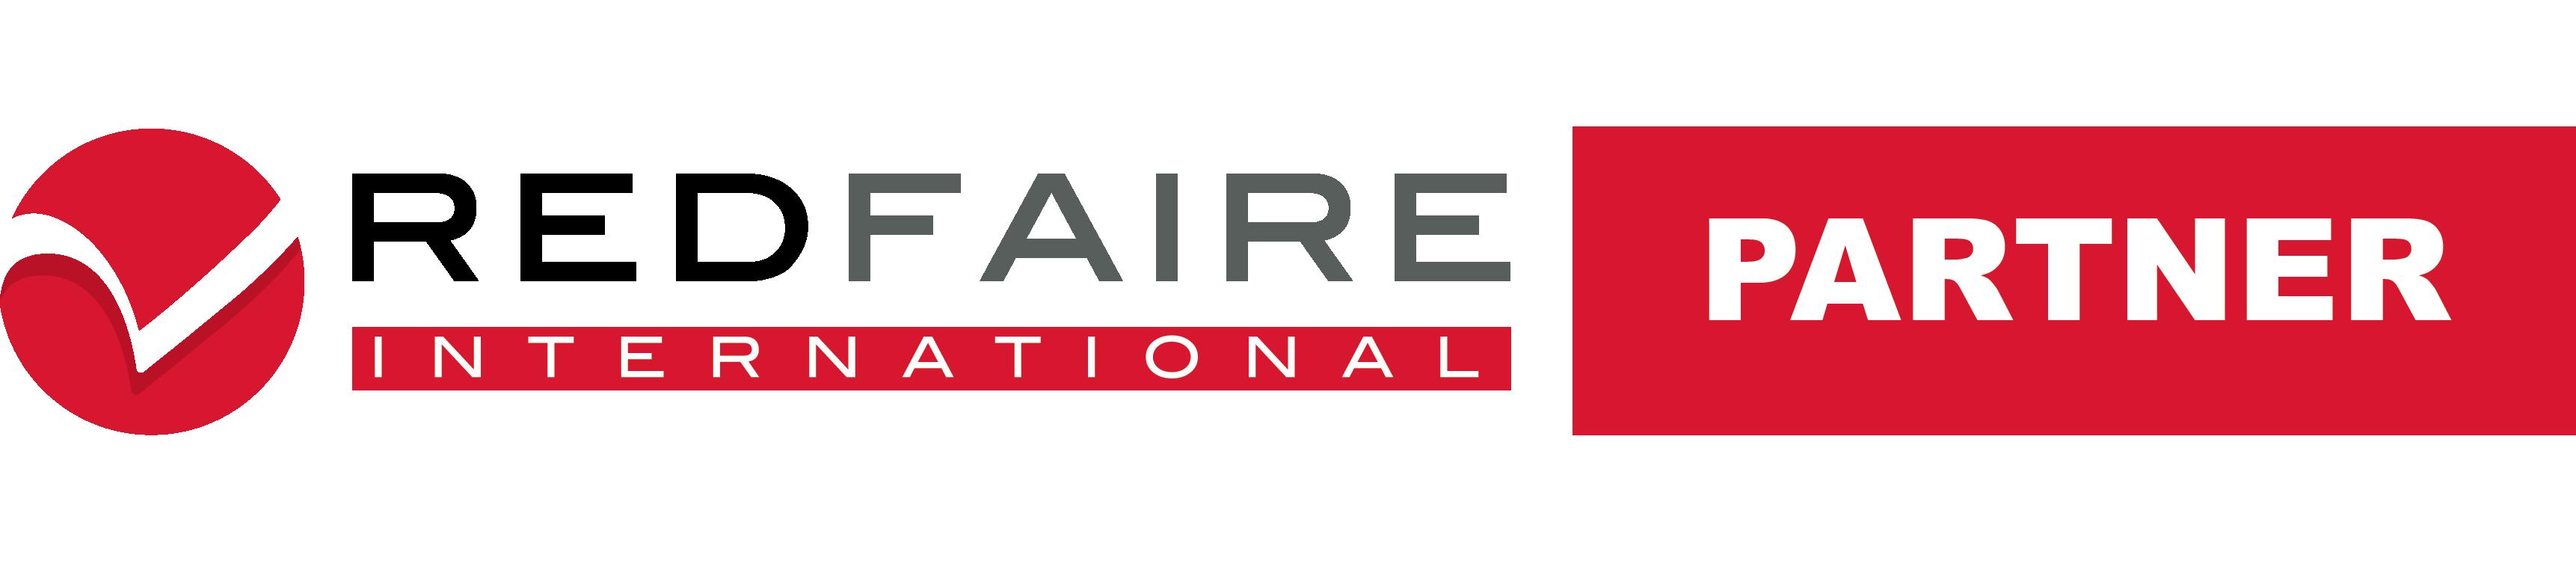 Redfaire International Partner logo